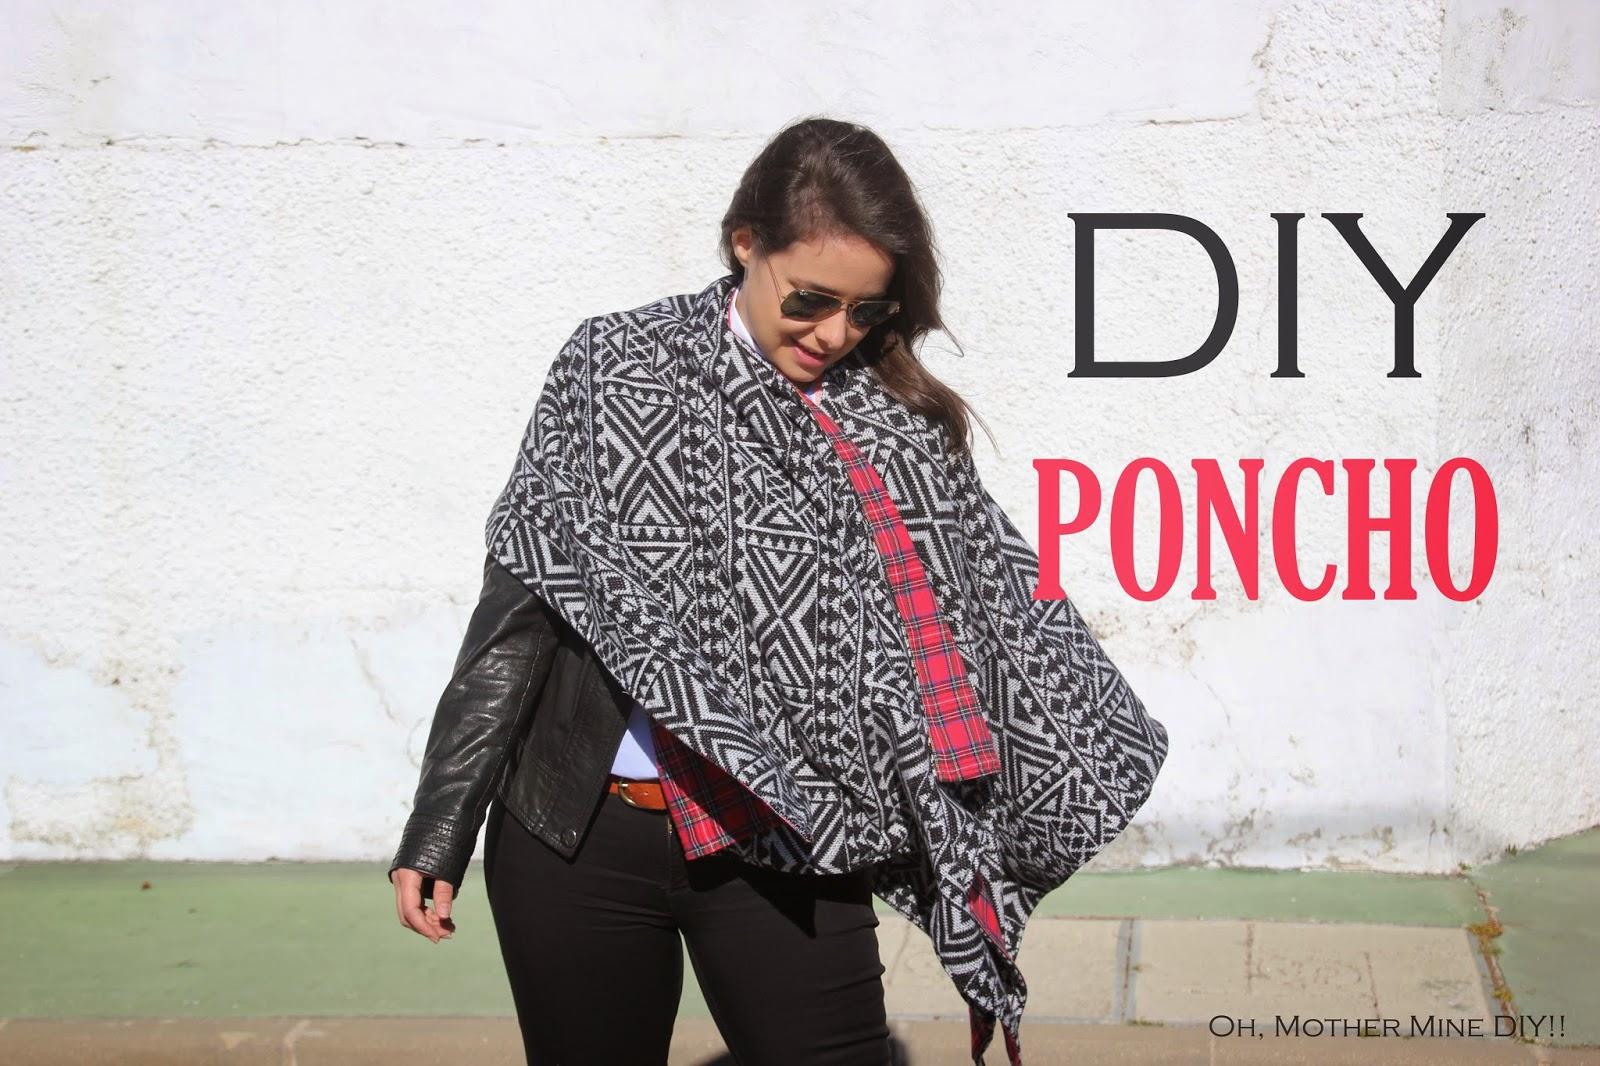 diy poncho reversible como hacer patrones gratis